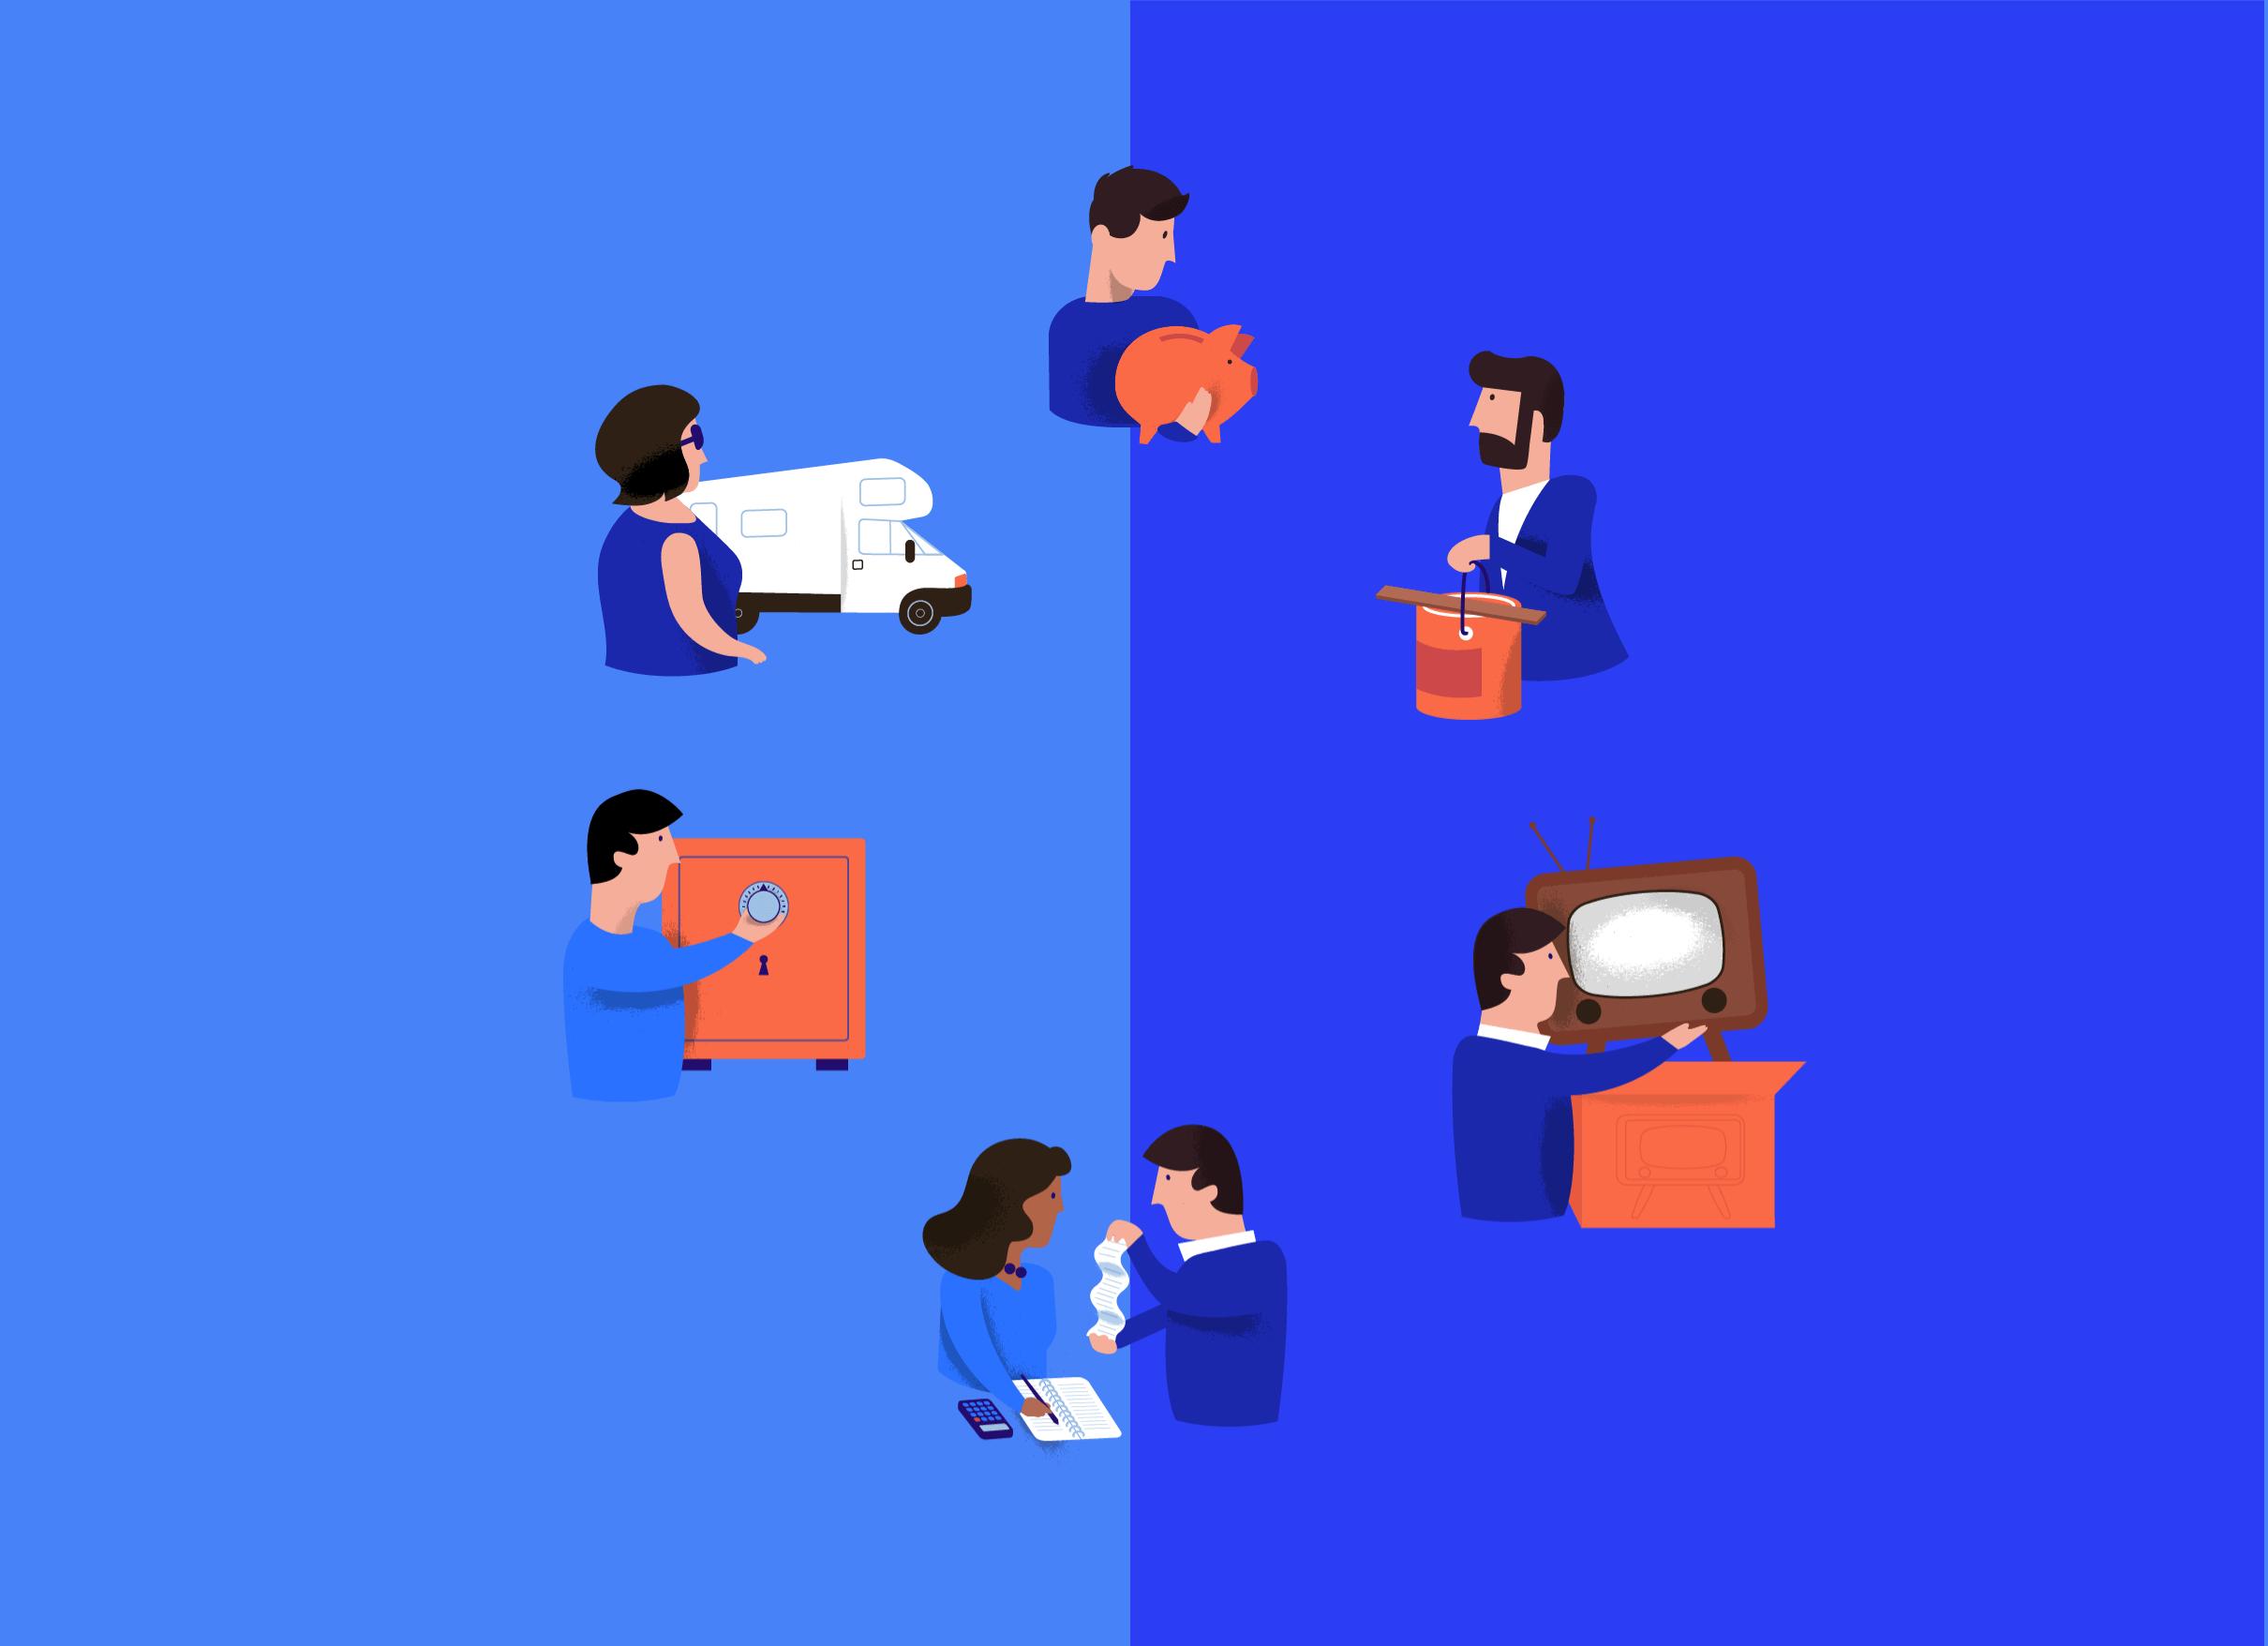 Kasboekje van Nederland 6 illustrations, one for every episode